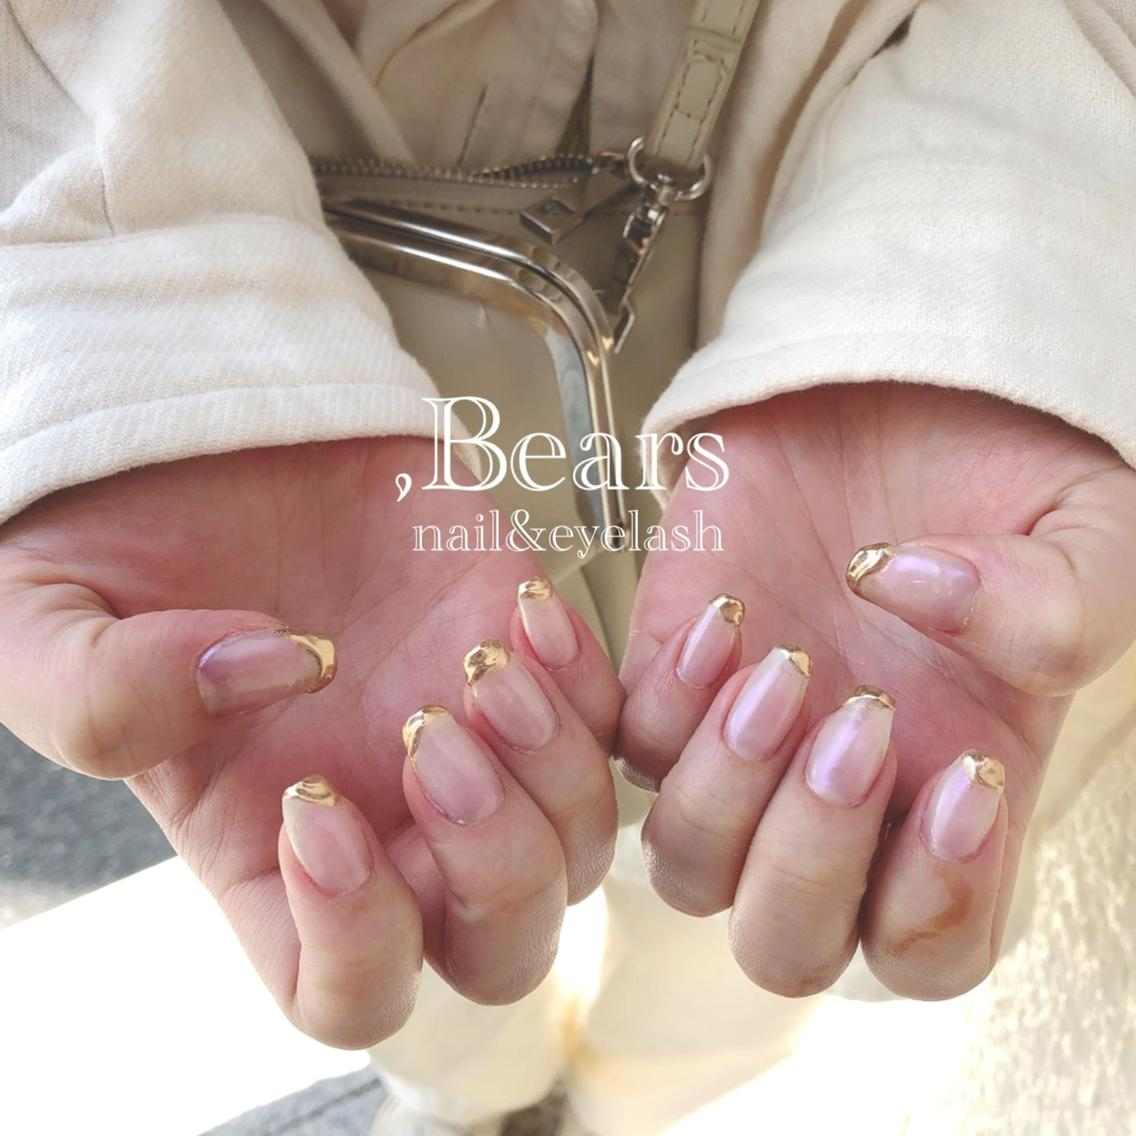 ,Bears nail&eyelash所属・佐藤 絢香の掲載